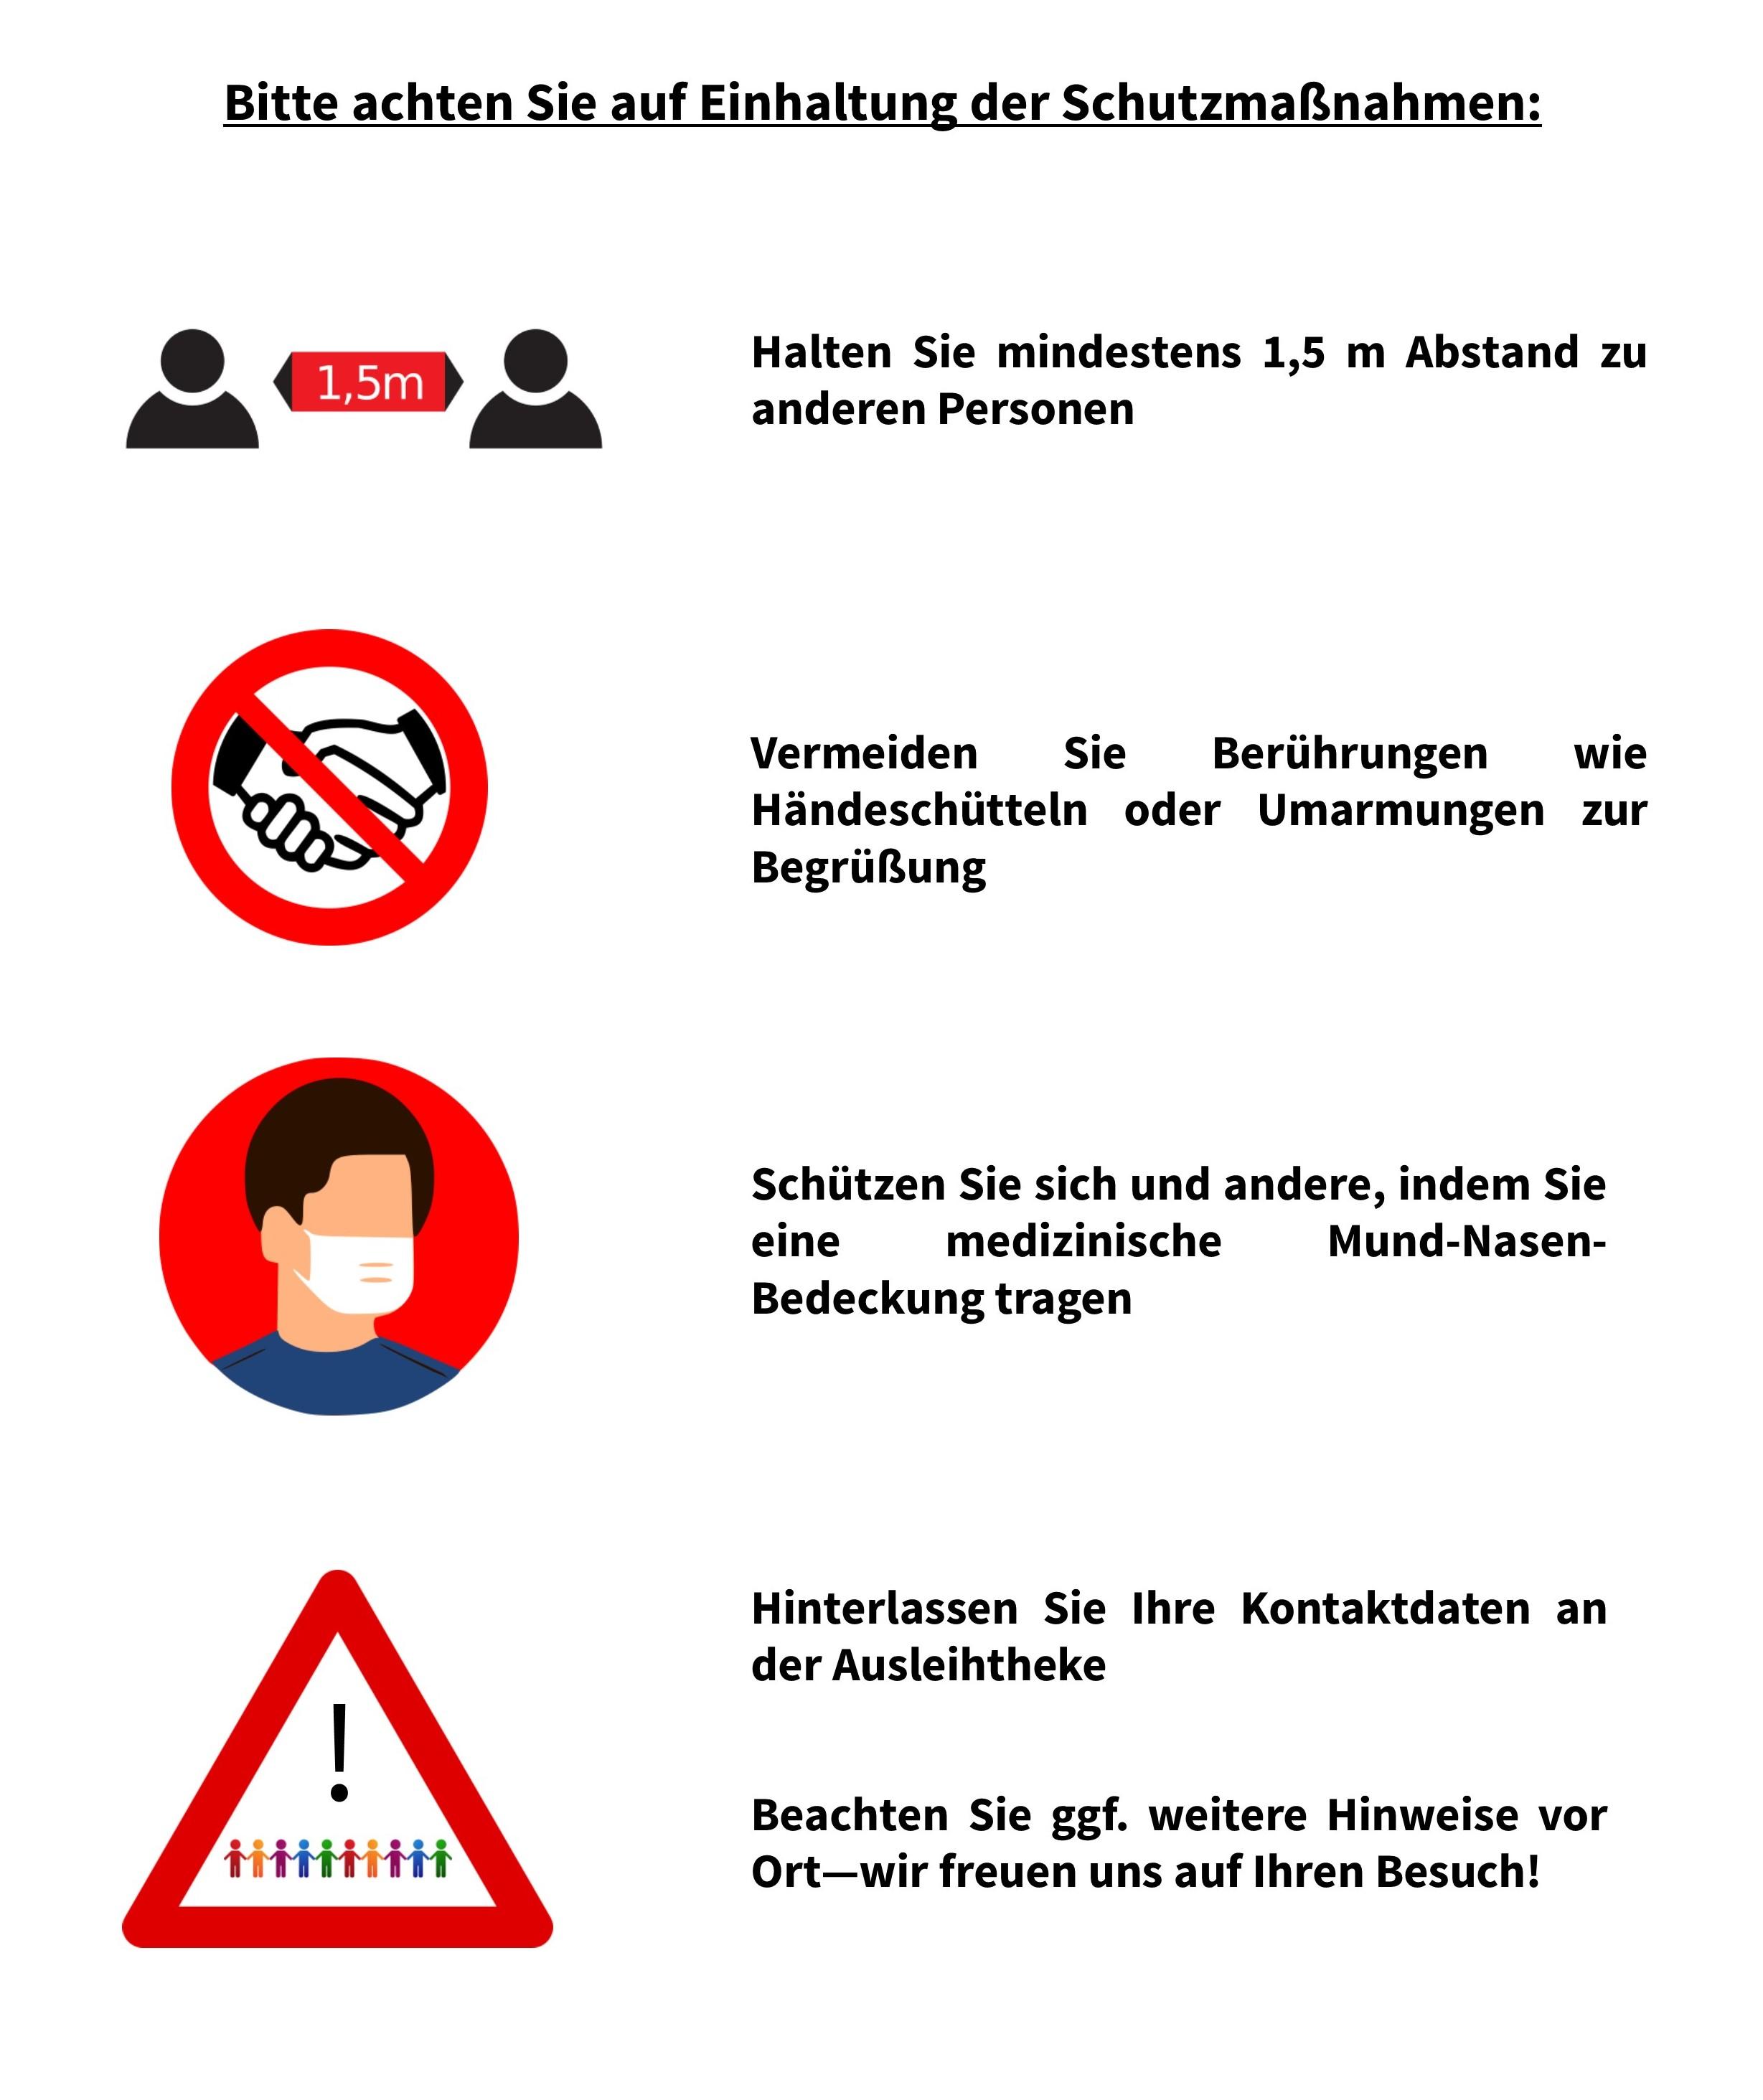 {#Schutzmaßnahmen}